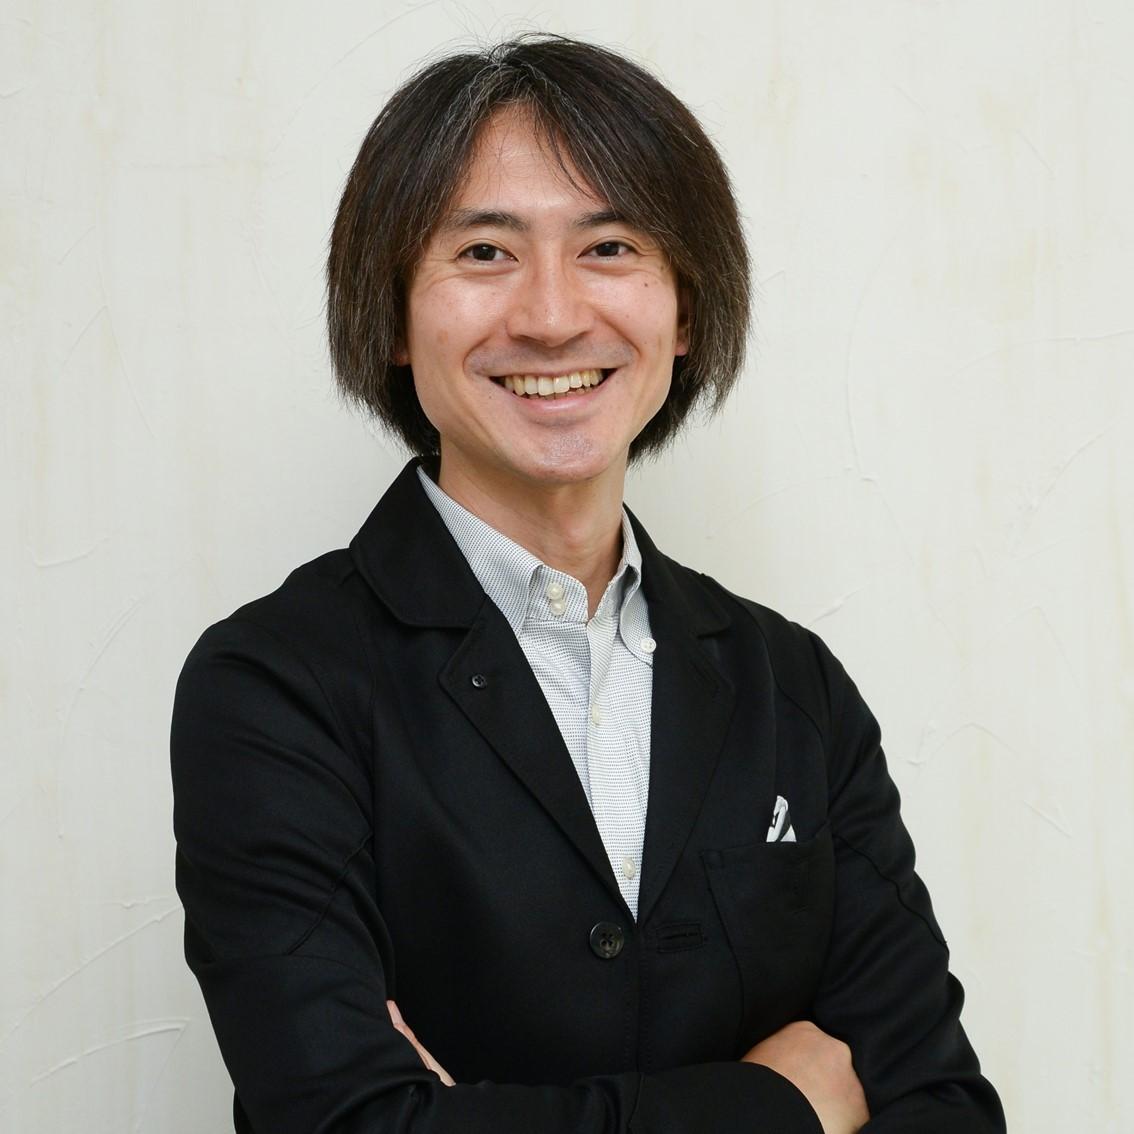 谷口直嗣氏 Holoeyes株式会社代表取締役